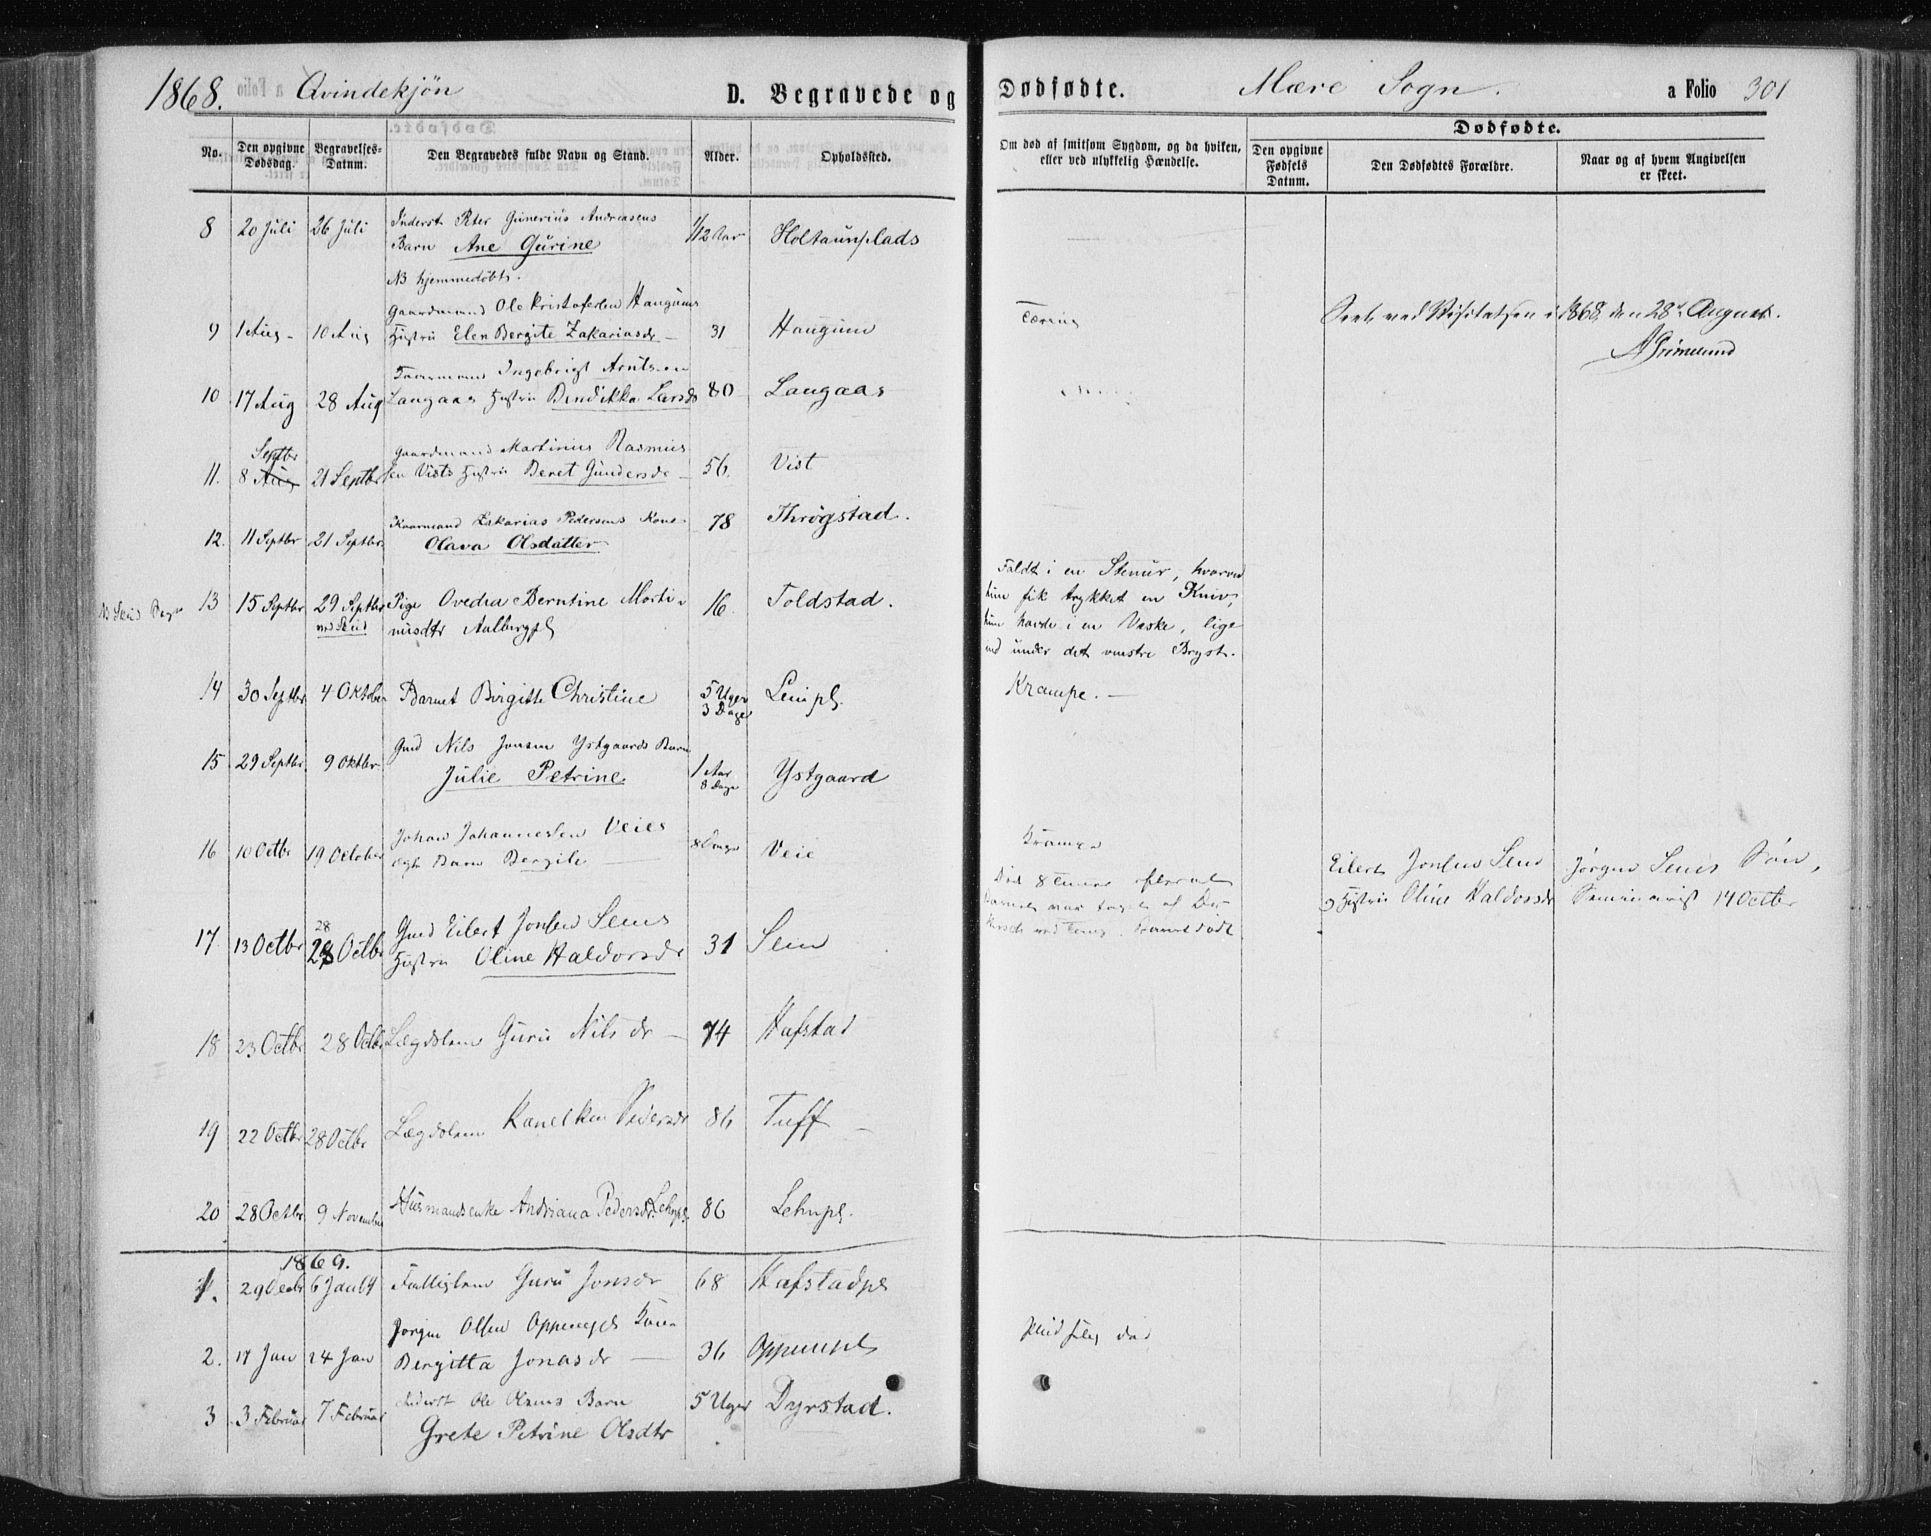 SAT, Ministerialprotokoller, klokkerbøker og fødselsregistre - Nord-Trøndelag, 735/L0345: Ministerialbok nr. 735A08 /1, 1863-1872, s. 301